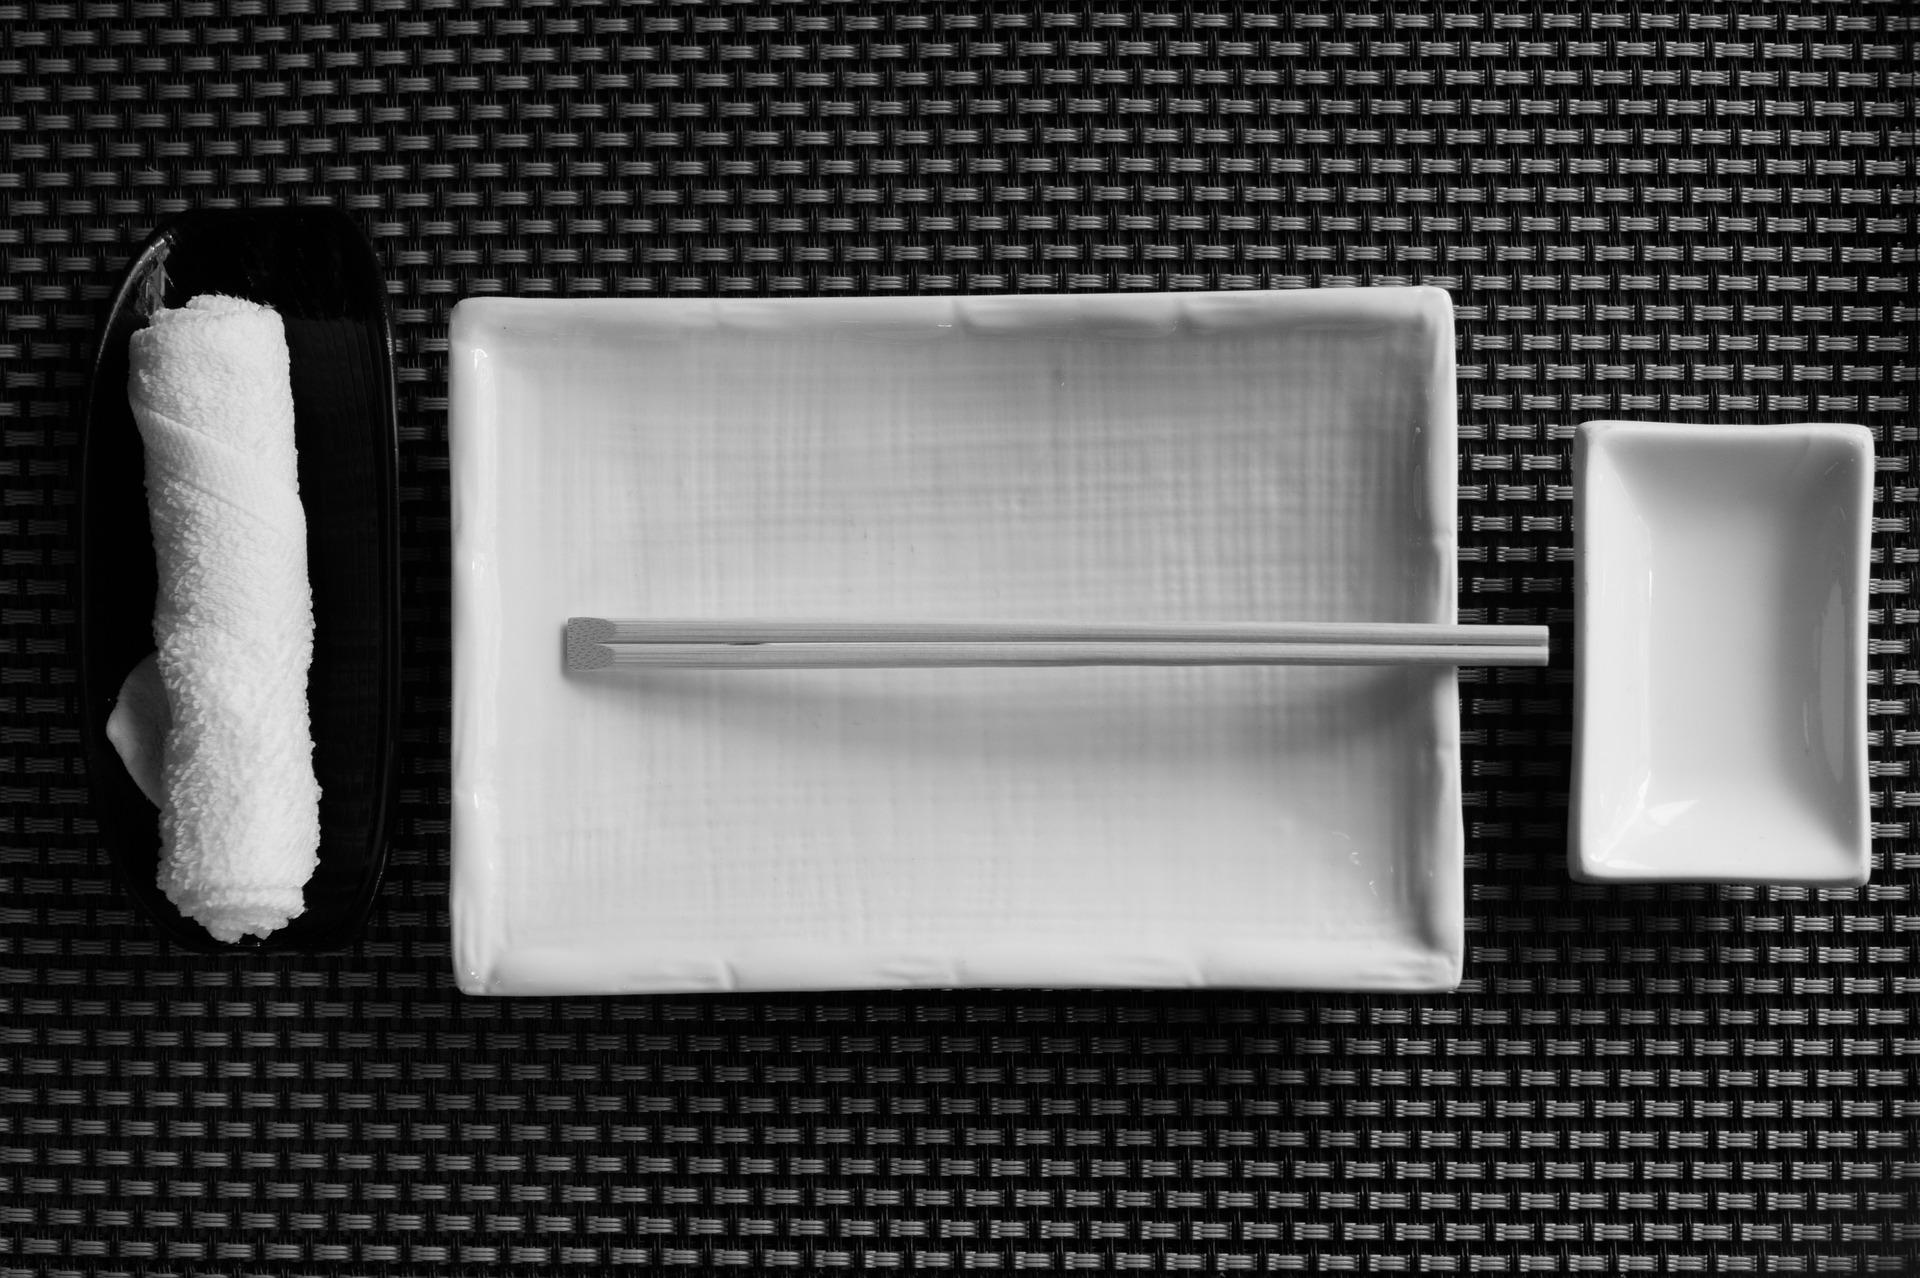 Sushi Plate, Crockery, Dish, Object, Plate, HQ Photo